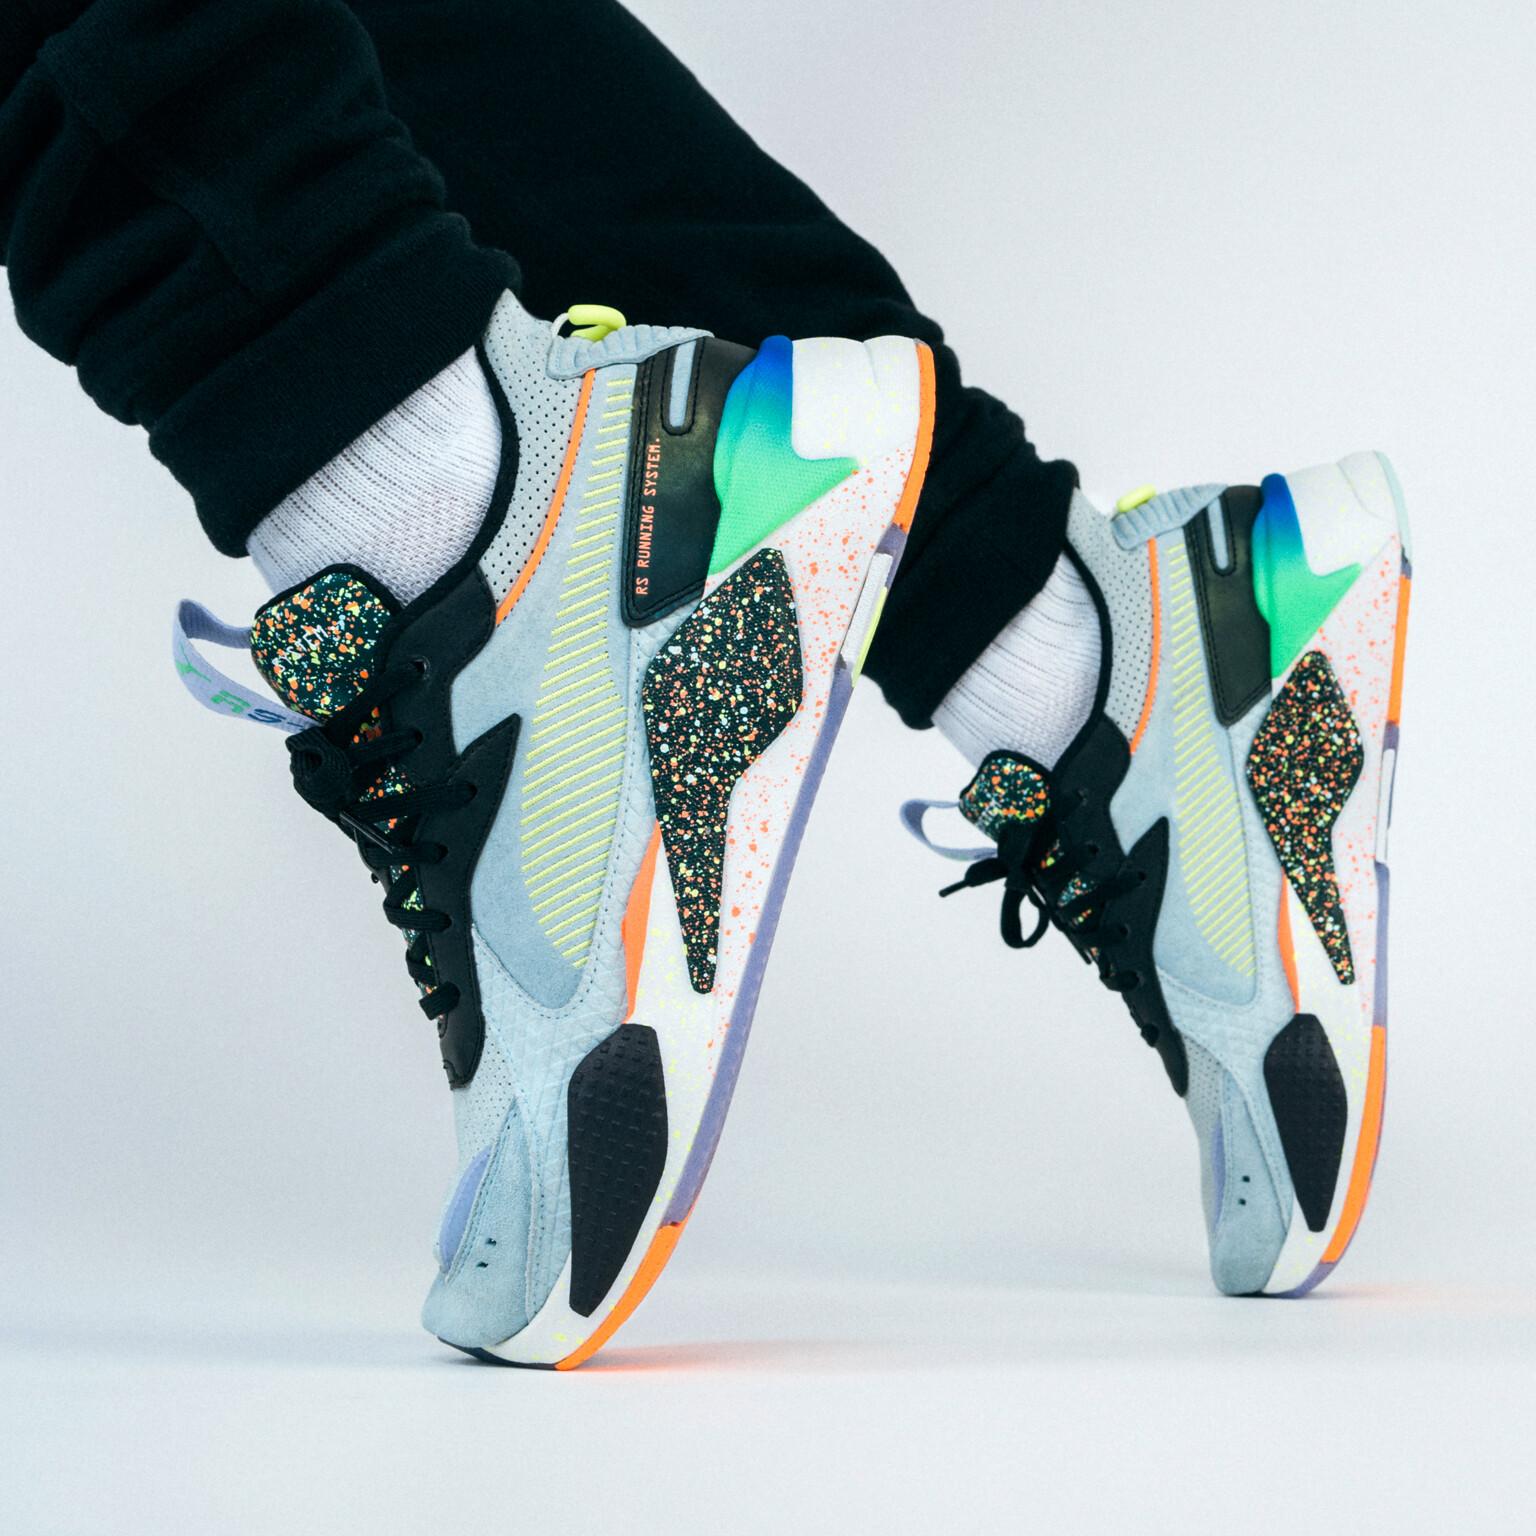 6481ca84a5b PUMA Select Shop | PUMA Select Shoes, Apparel | PUMA.com